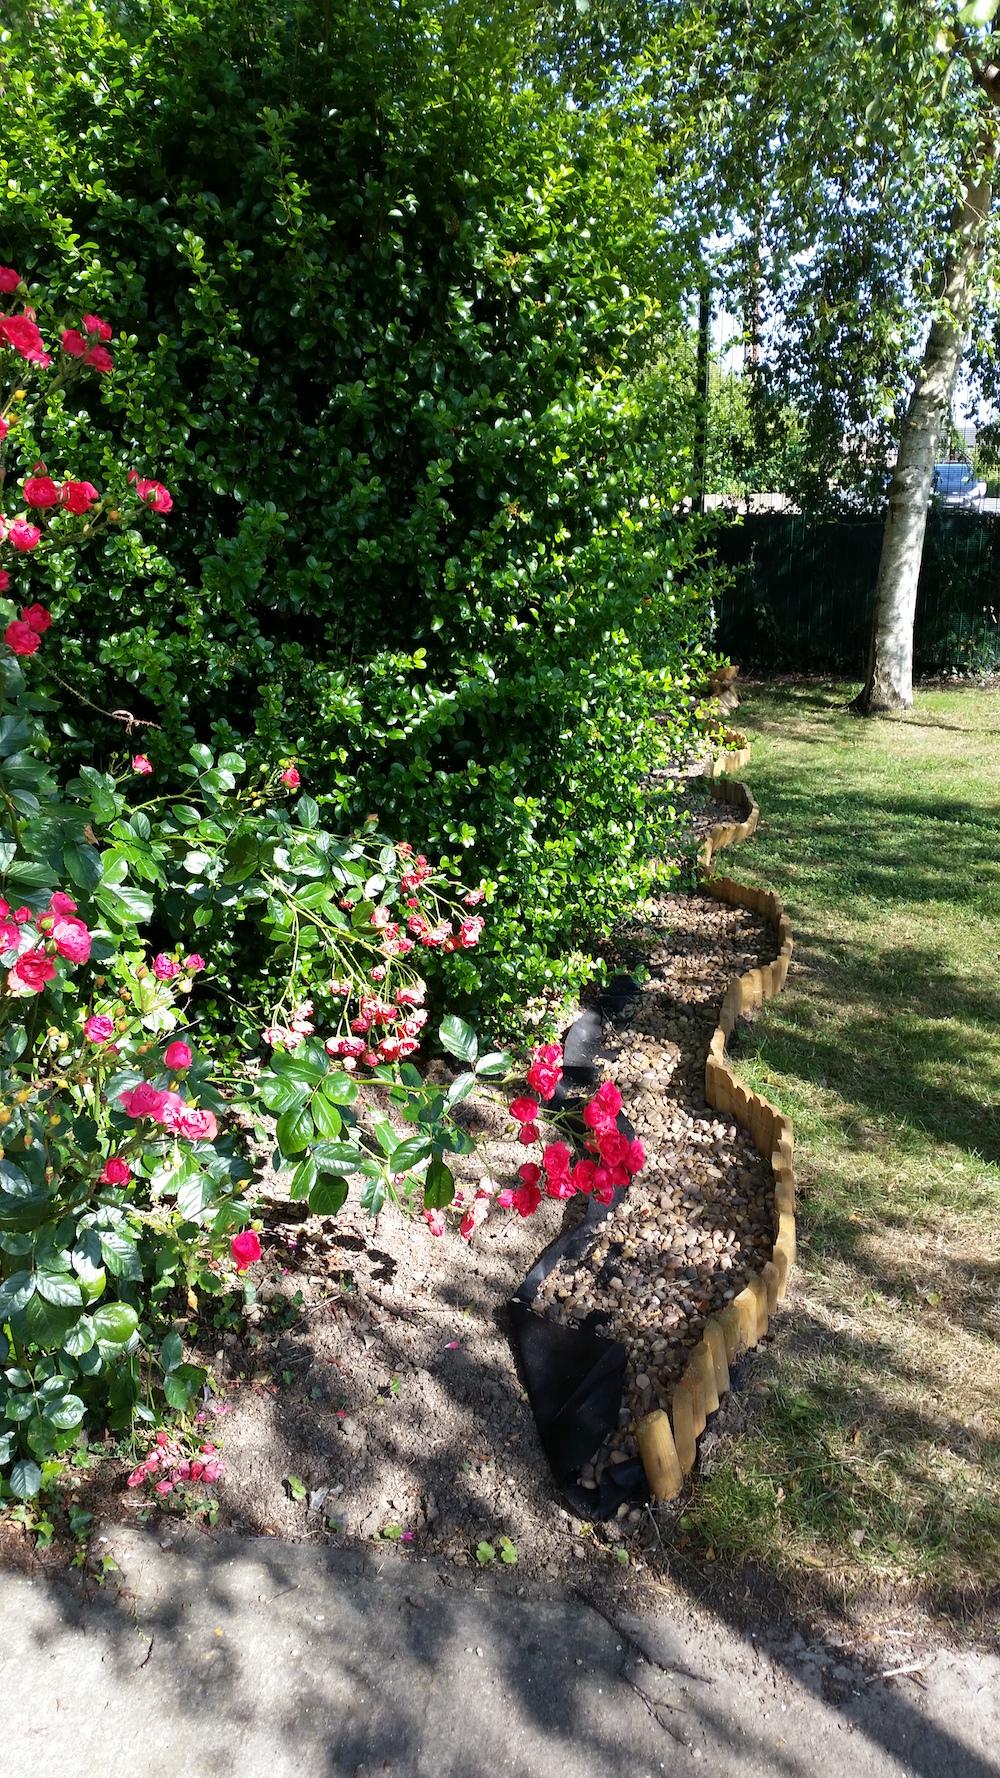 Sower's garden in the making